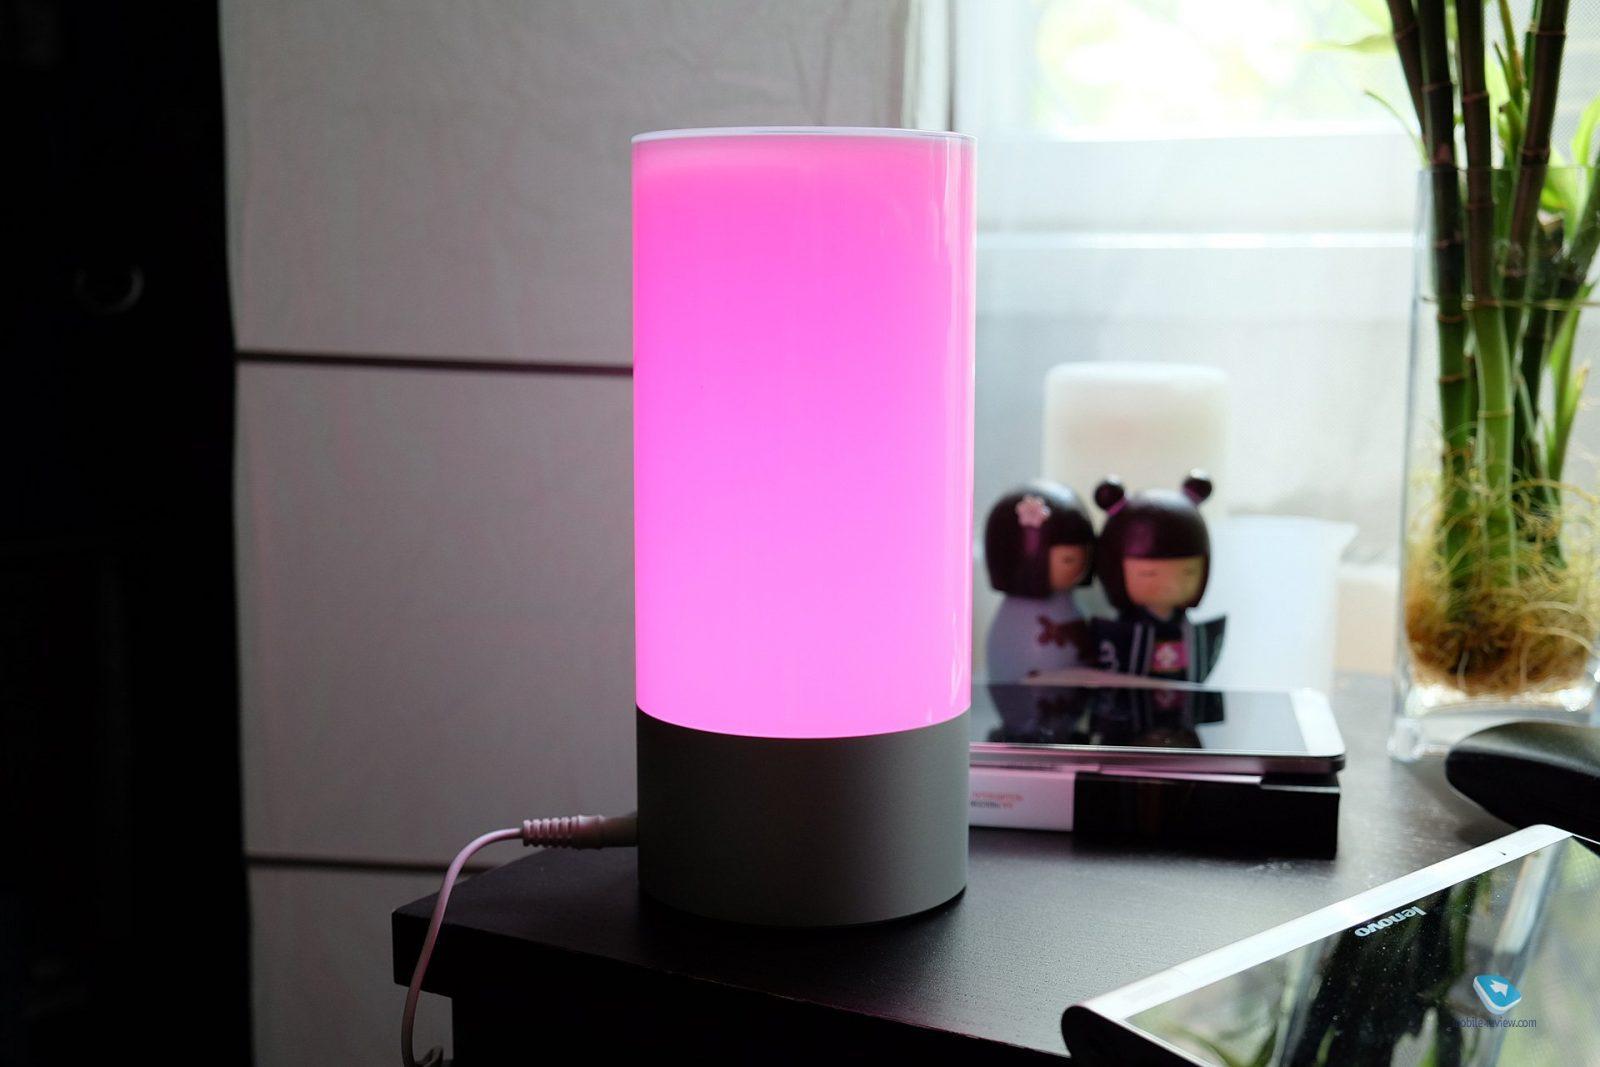 Прикроватная лампа Xiaomi Mi yeelight smart color